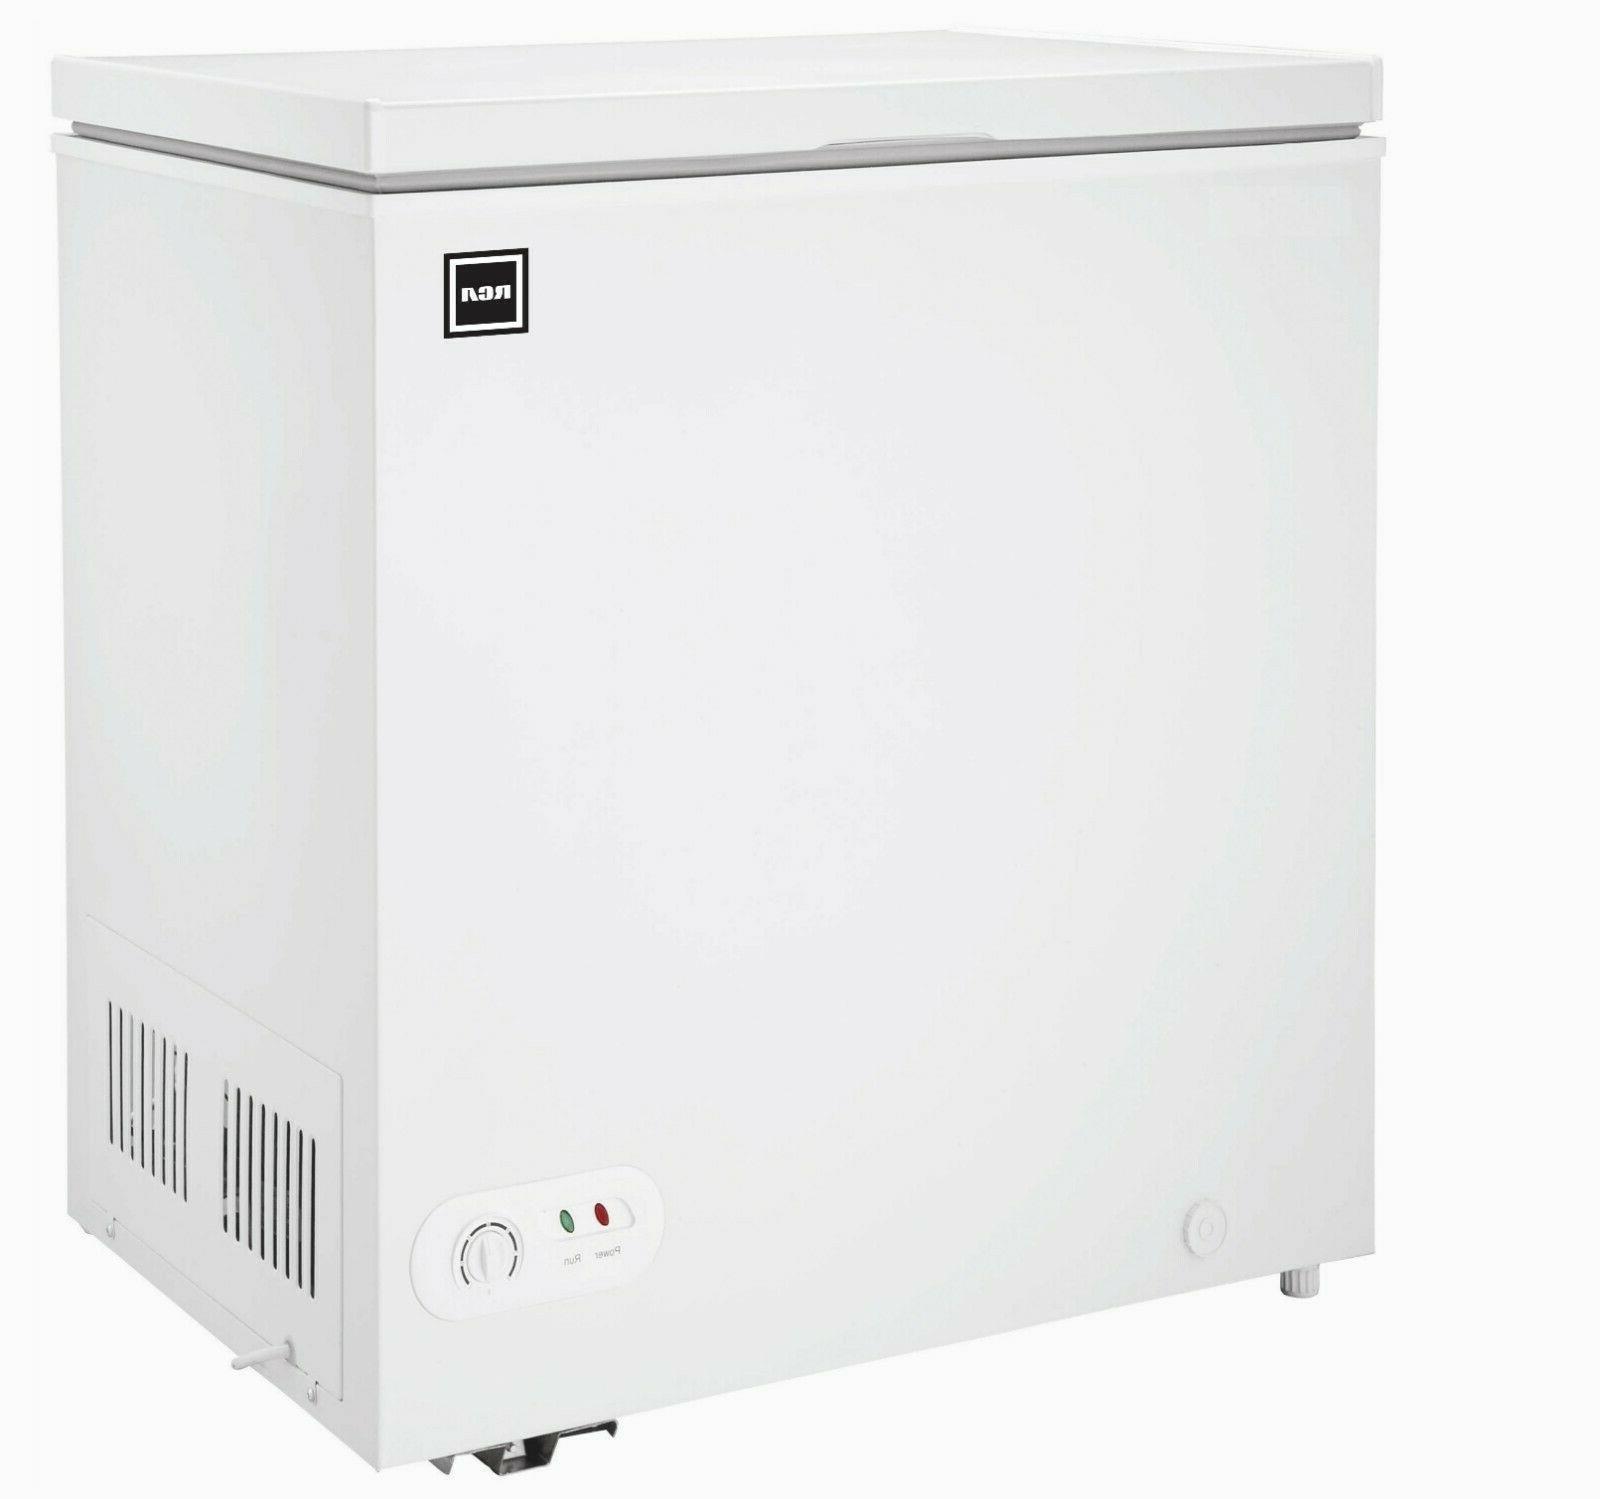 RCA Congeladores Freezer APT Dorm Large 3.5 Chest Deep Best